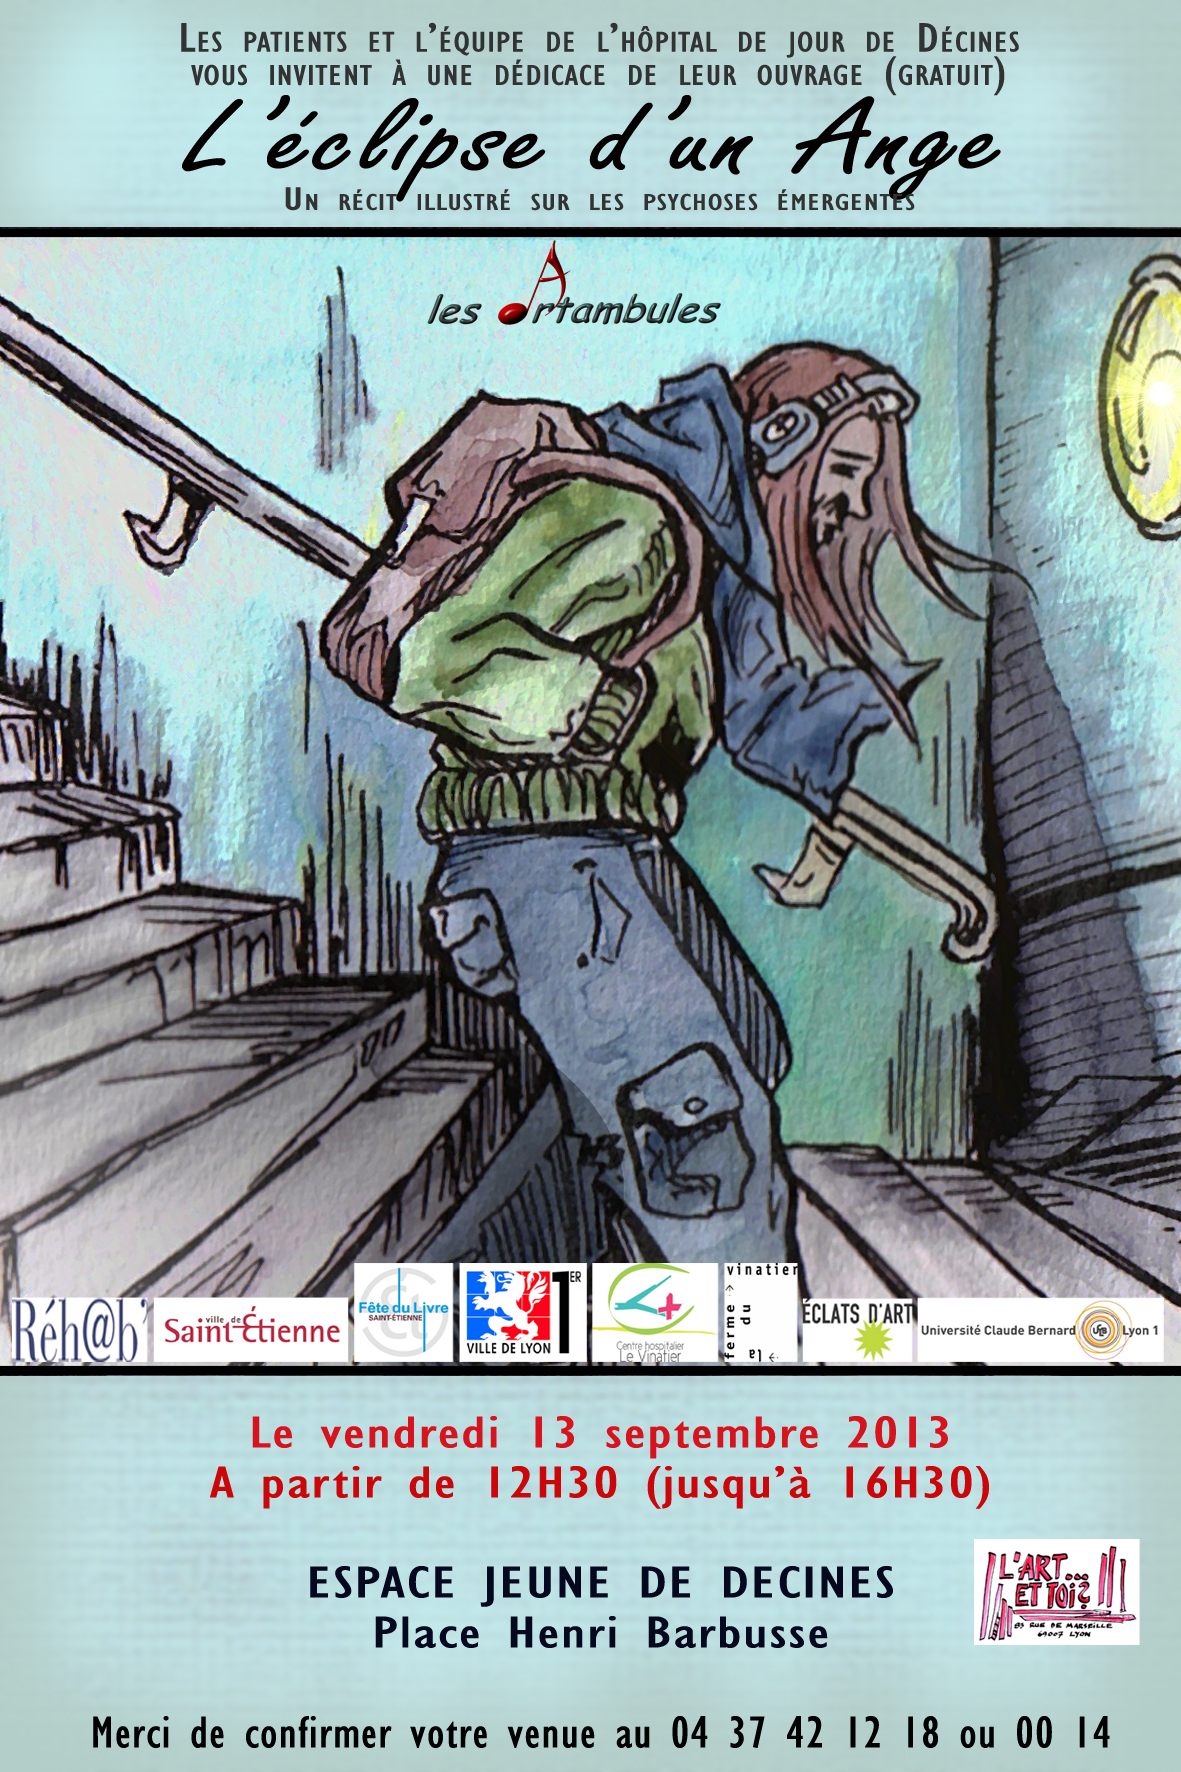 Annonce dédicace 13 septembre